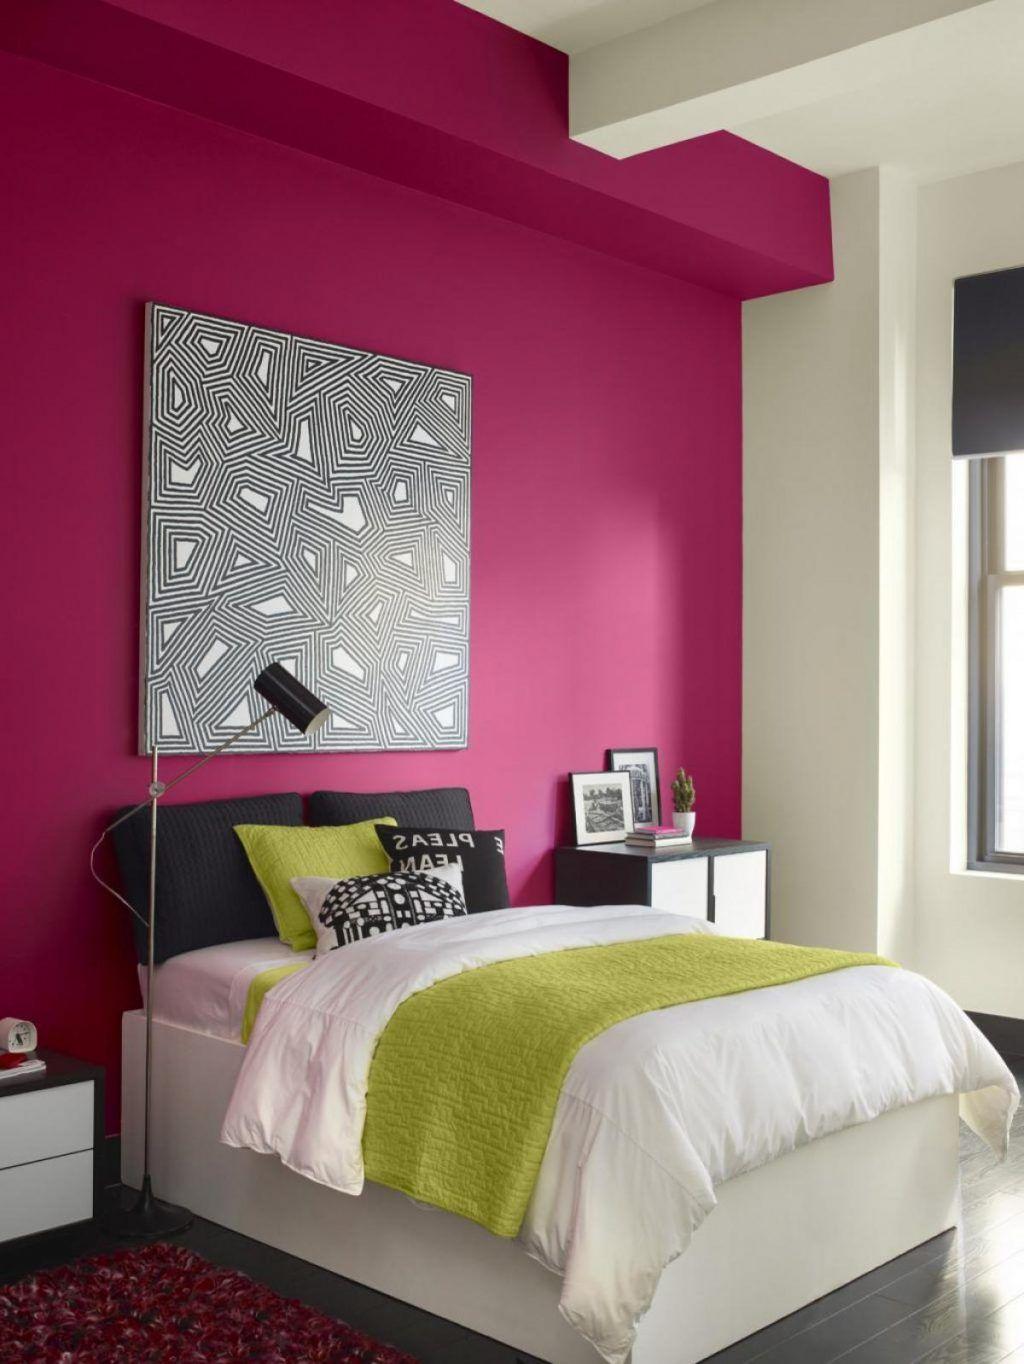 Asiatische Farben Für Schlafzimmer   Schlafzimmer Überprüfen Sie Mehr  Http://hausmodelle.com